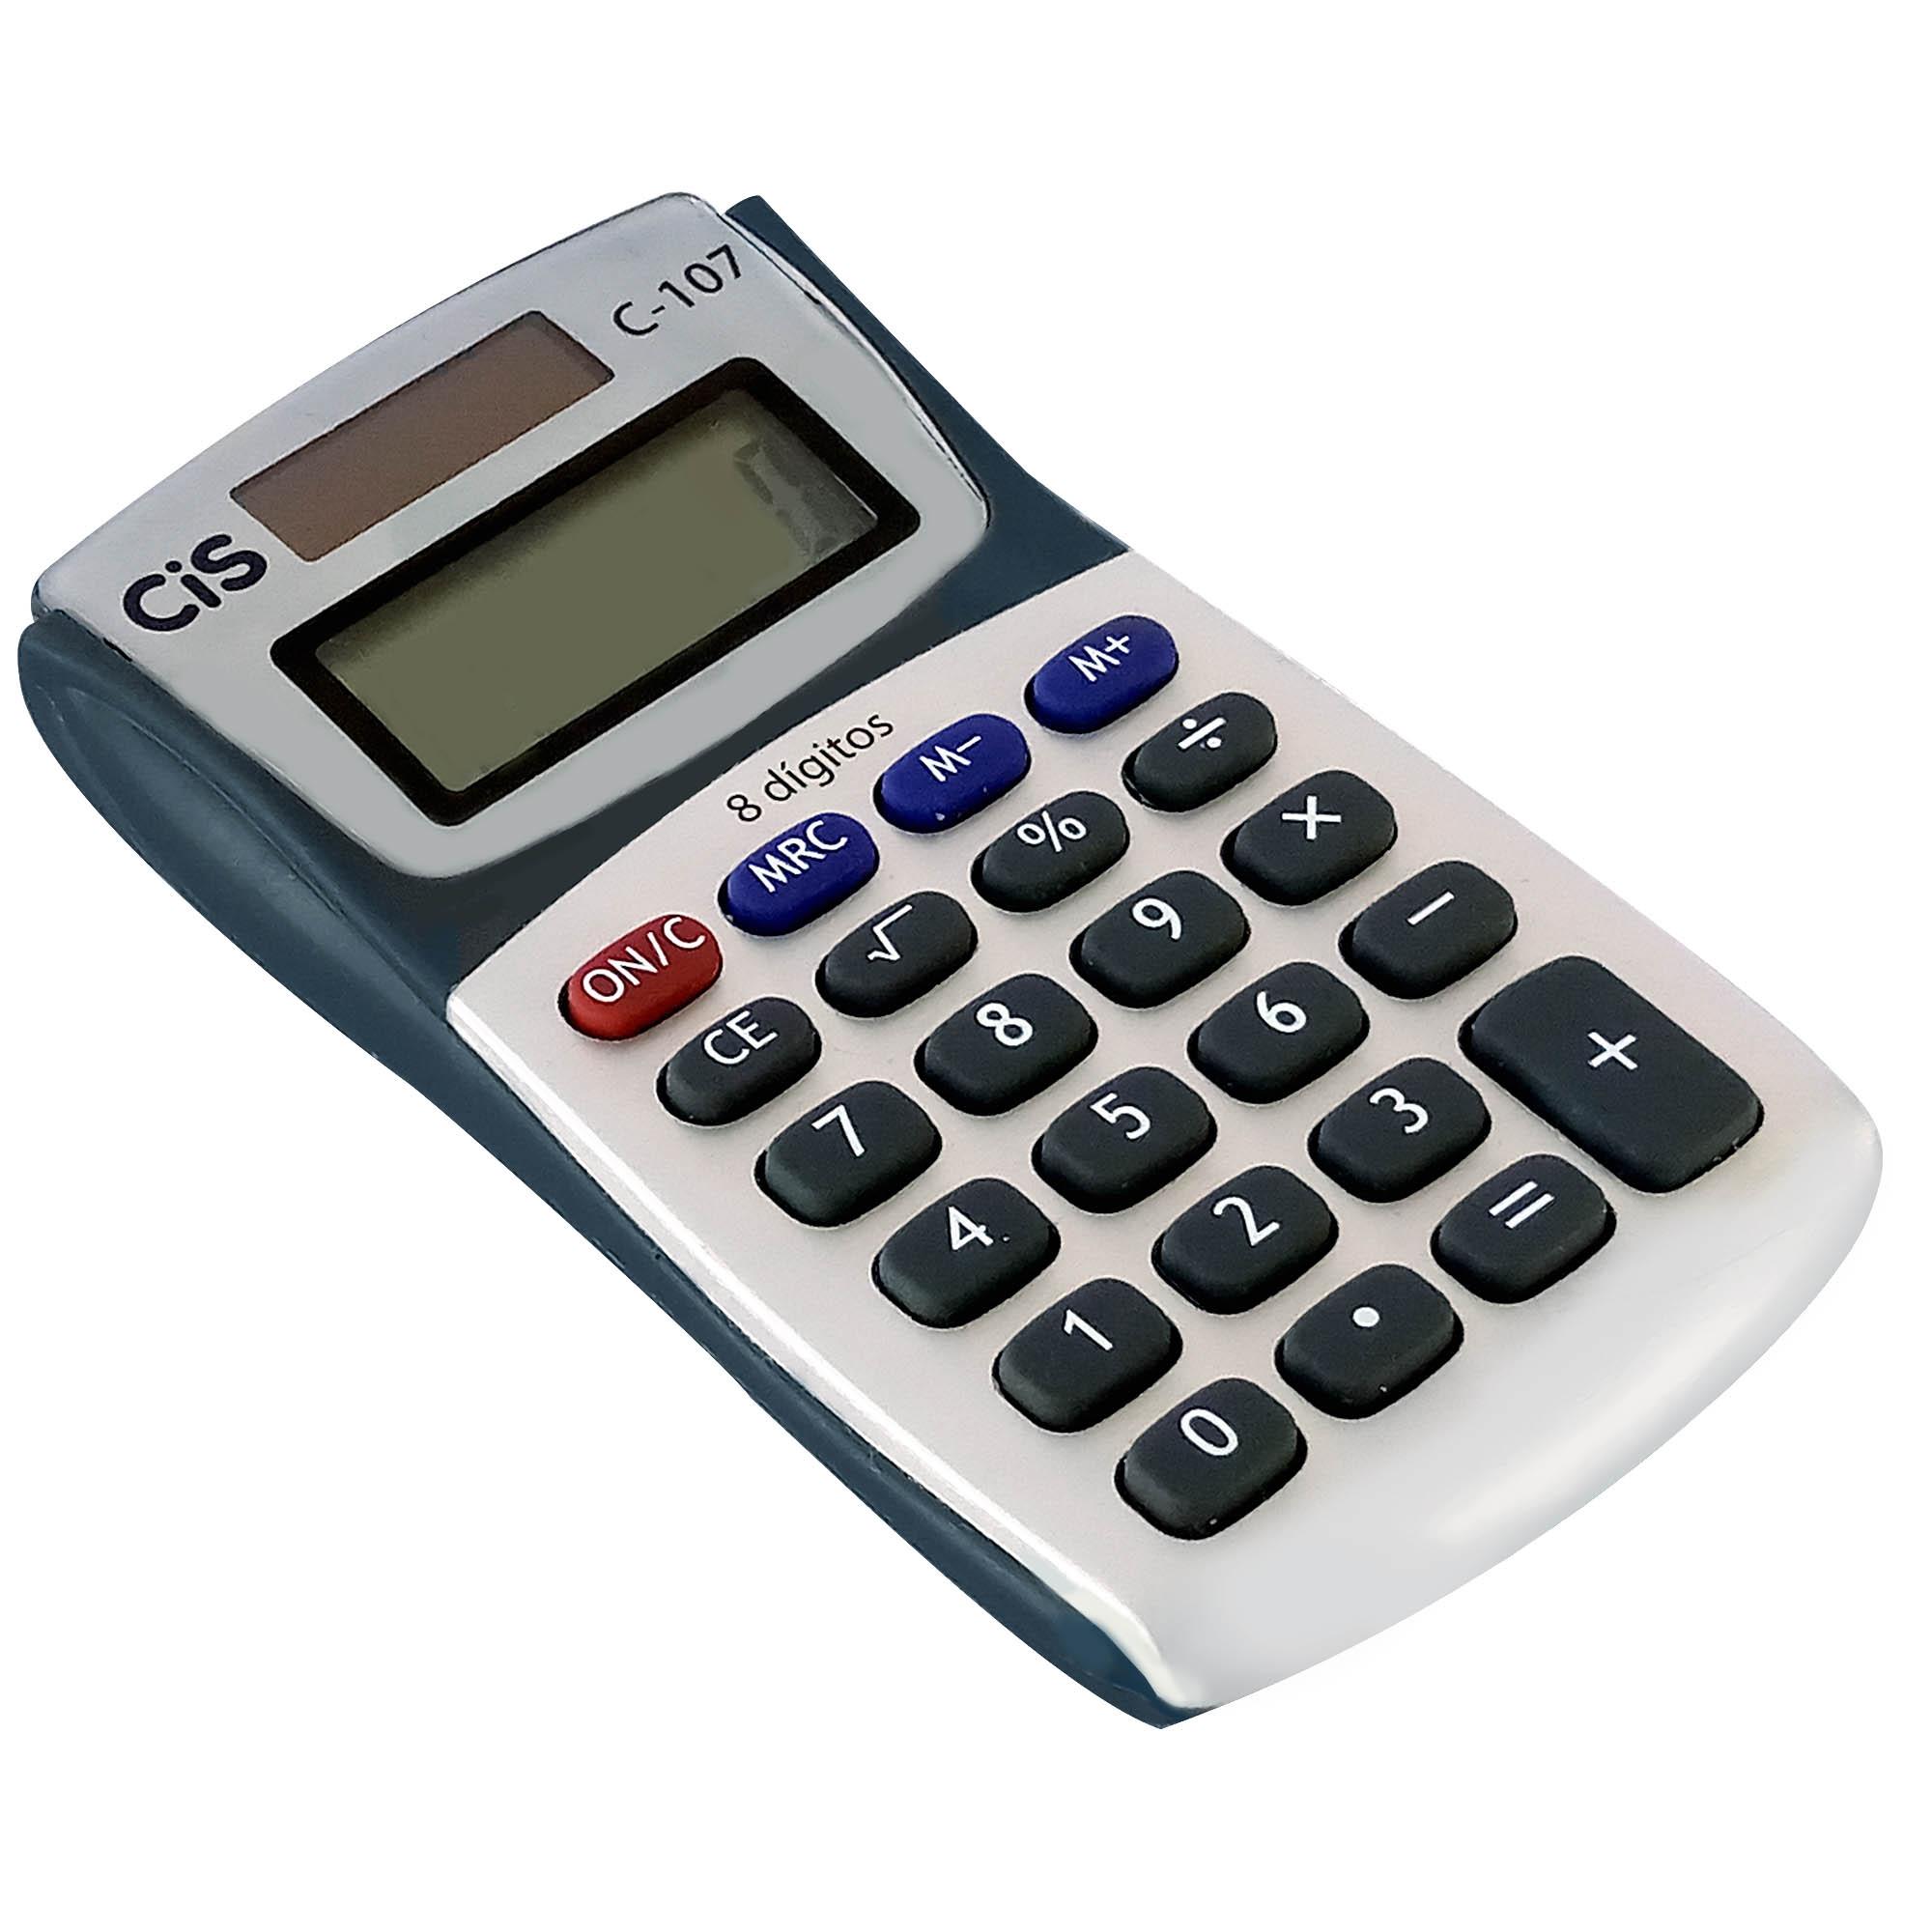 Calculadora de Bolso 8 Digitos C-107/8 - Cis